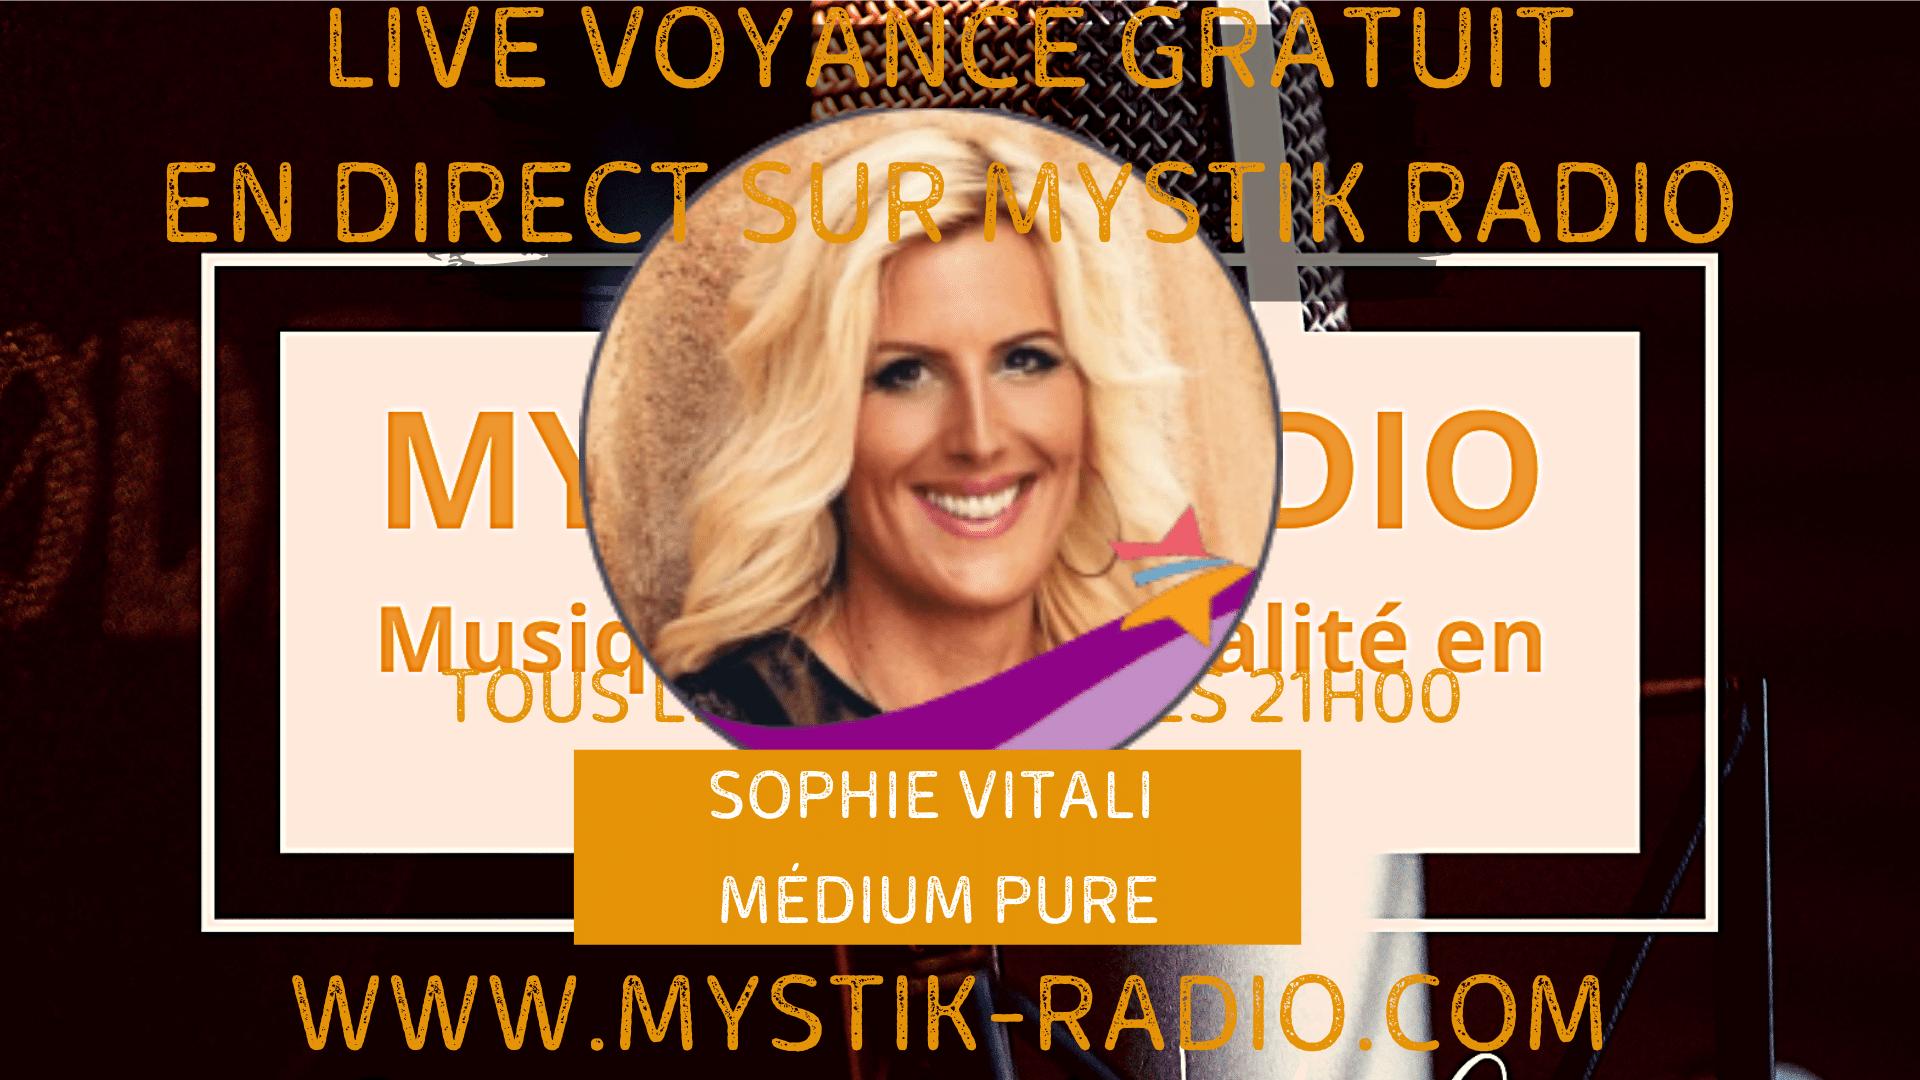 Sophie Vitali voyante corse en live voyance gratuit sur Mystik Radio